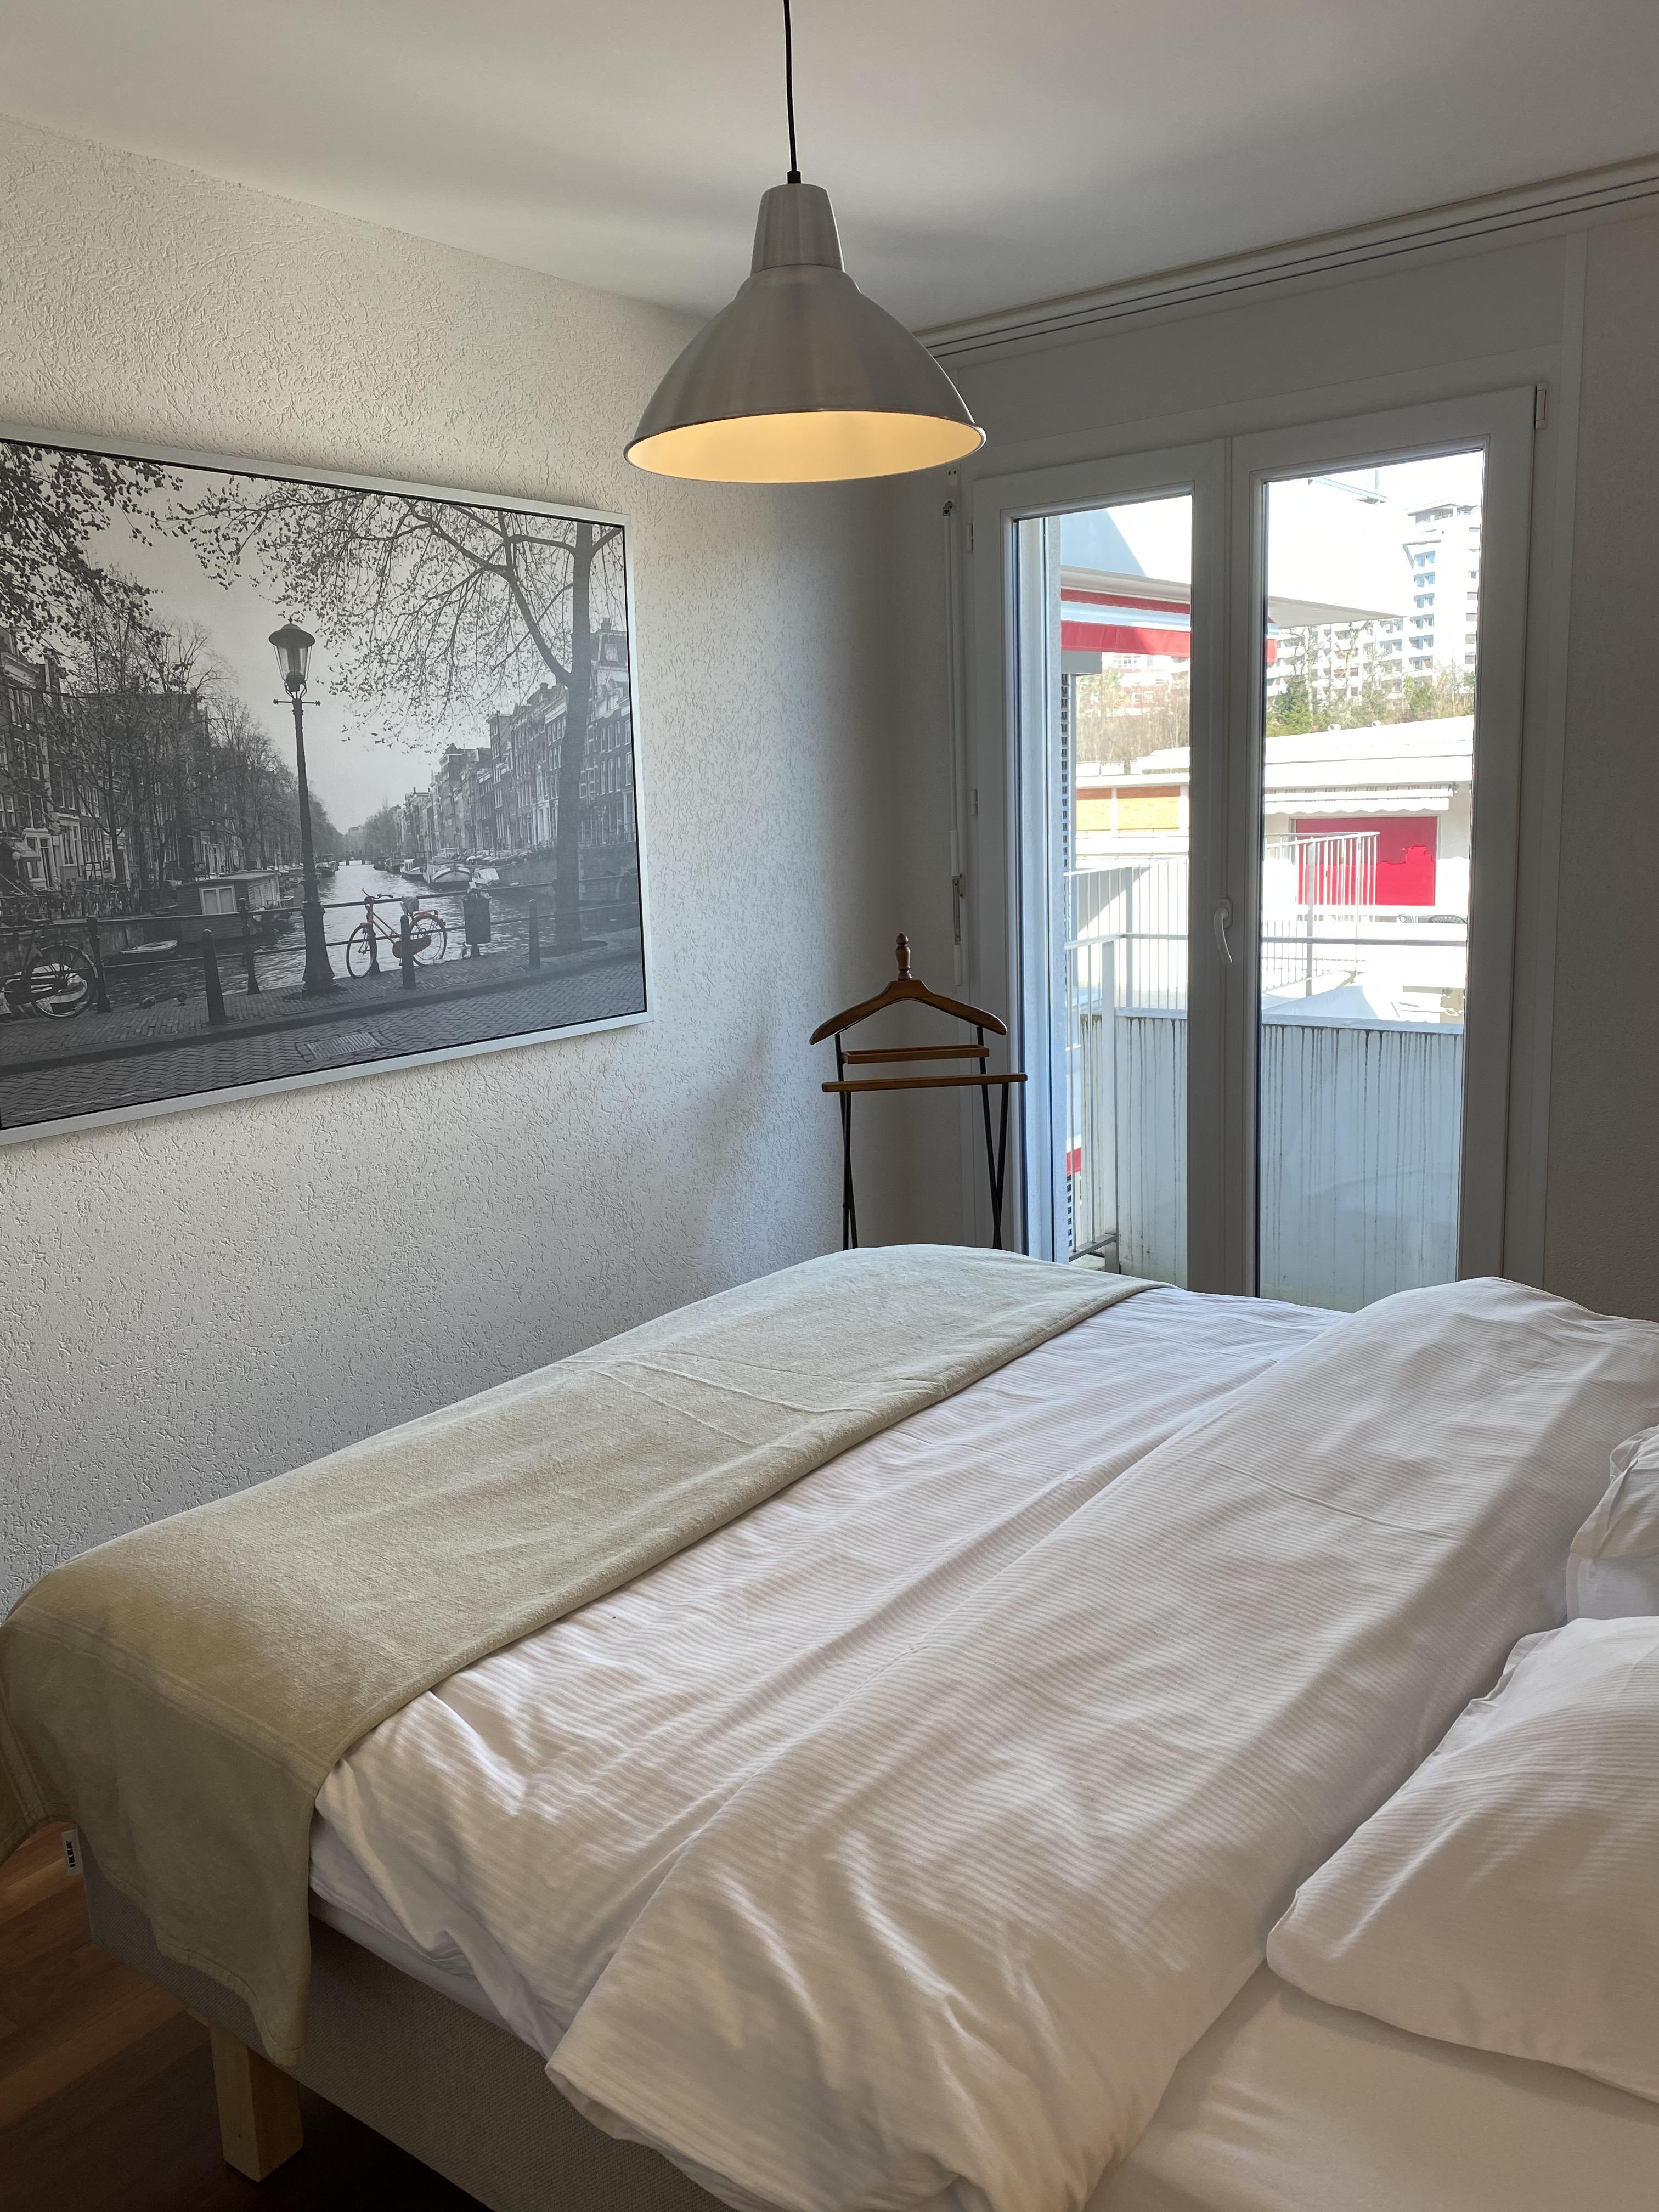 Rue de la Pontaise 10, Lausanne - 3,5 pièces - Lot 14 14